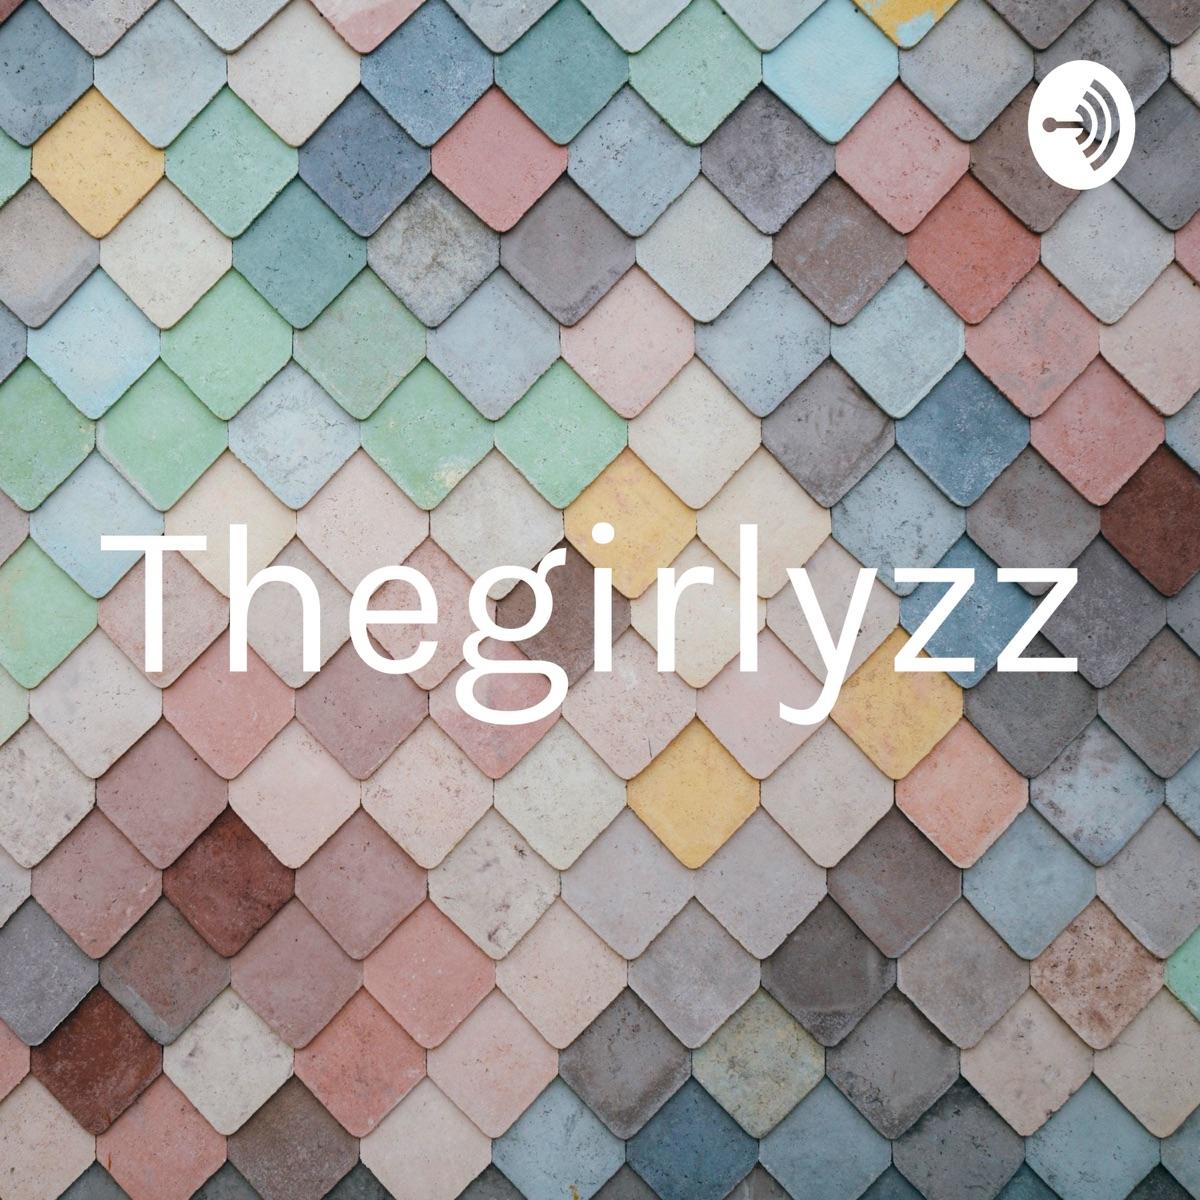 Thegirlyzz